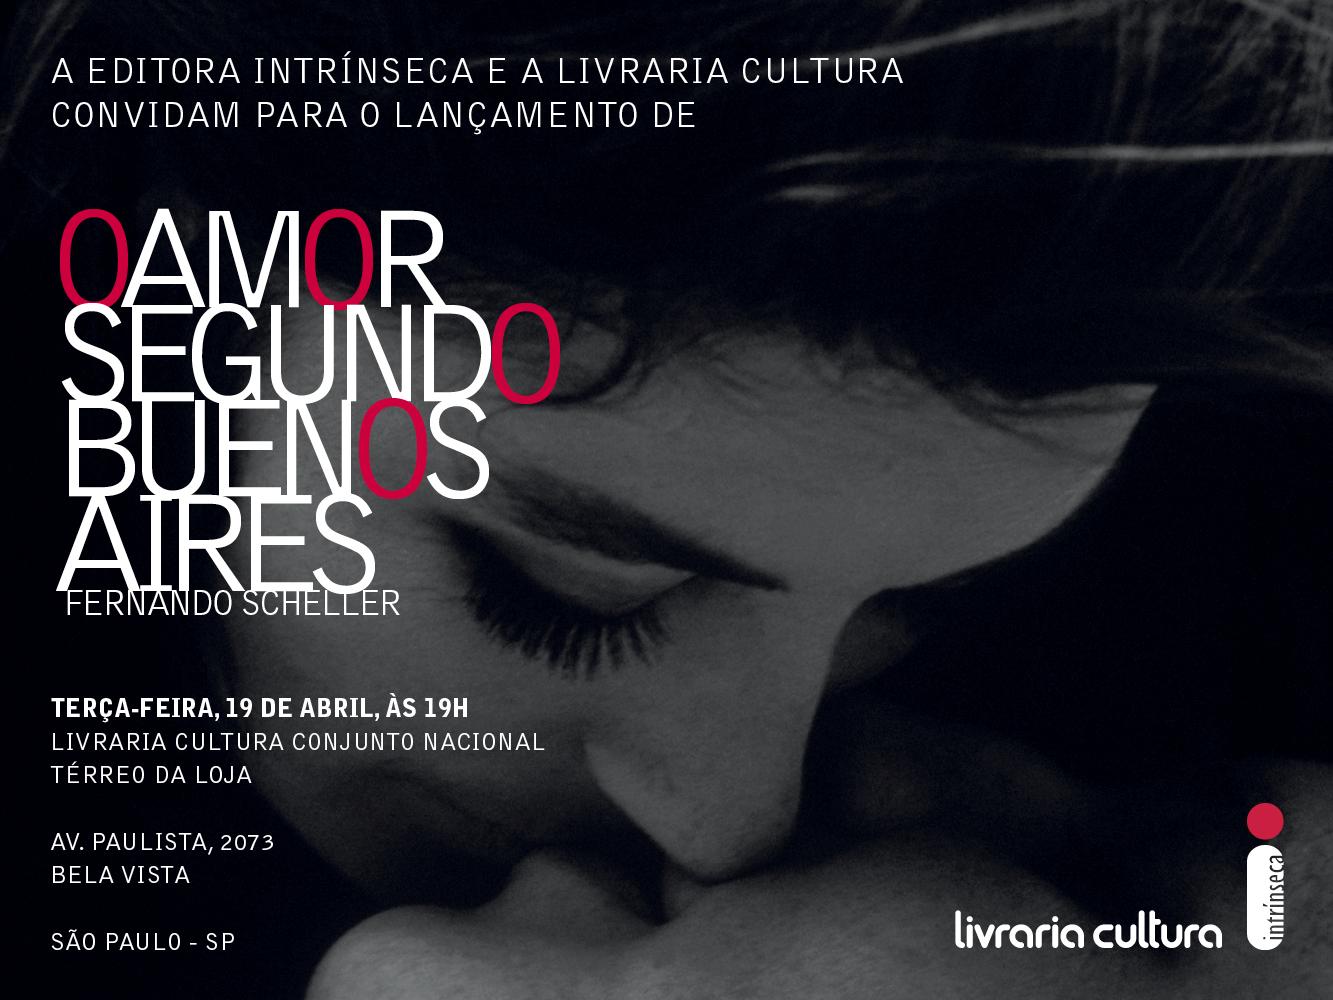 Convite_OAmorSegundoBuenosAires_Face_SP